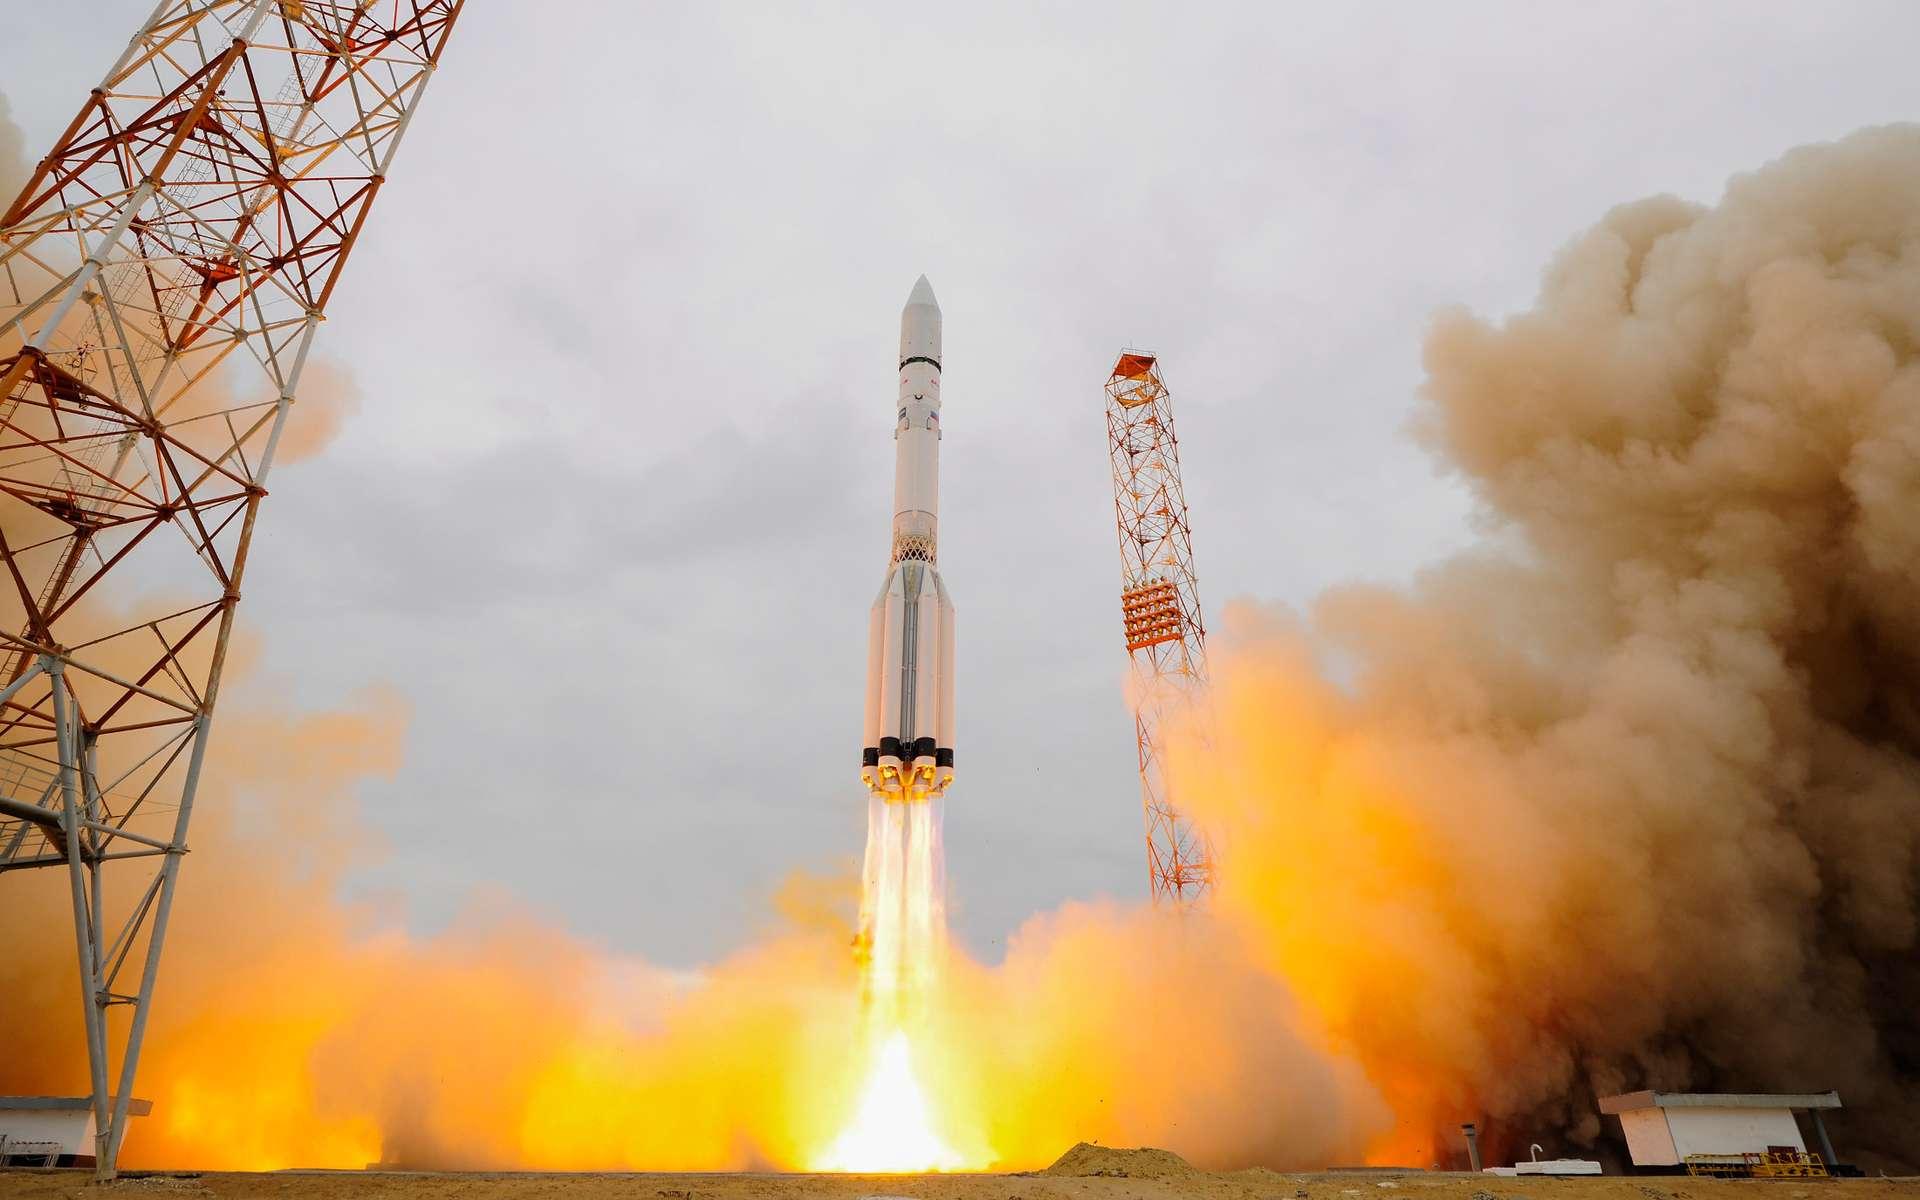 Lundi, à 10 h 31, la sonde de l'Agence spatiale européenne (Esa) a décollé. Dix heures et plusieurs tours autour de la Terre plus tard, elle s'est séparée du lanceur Proton-M. © Esa, S. Corvaja